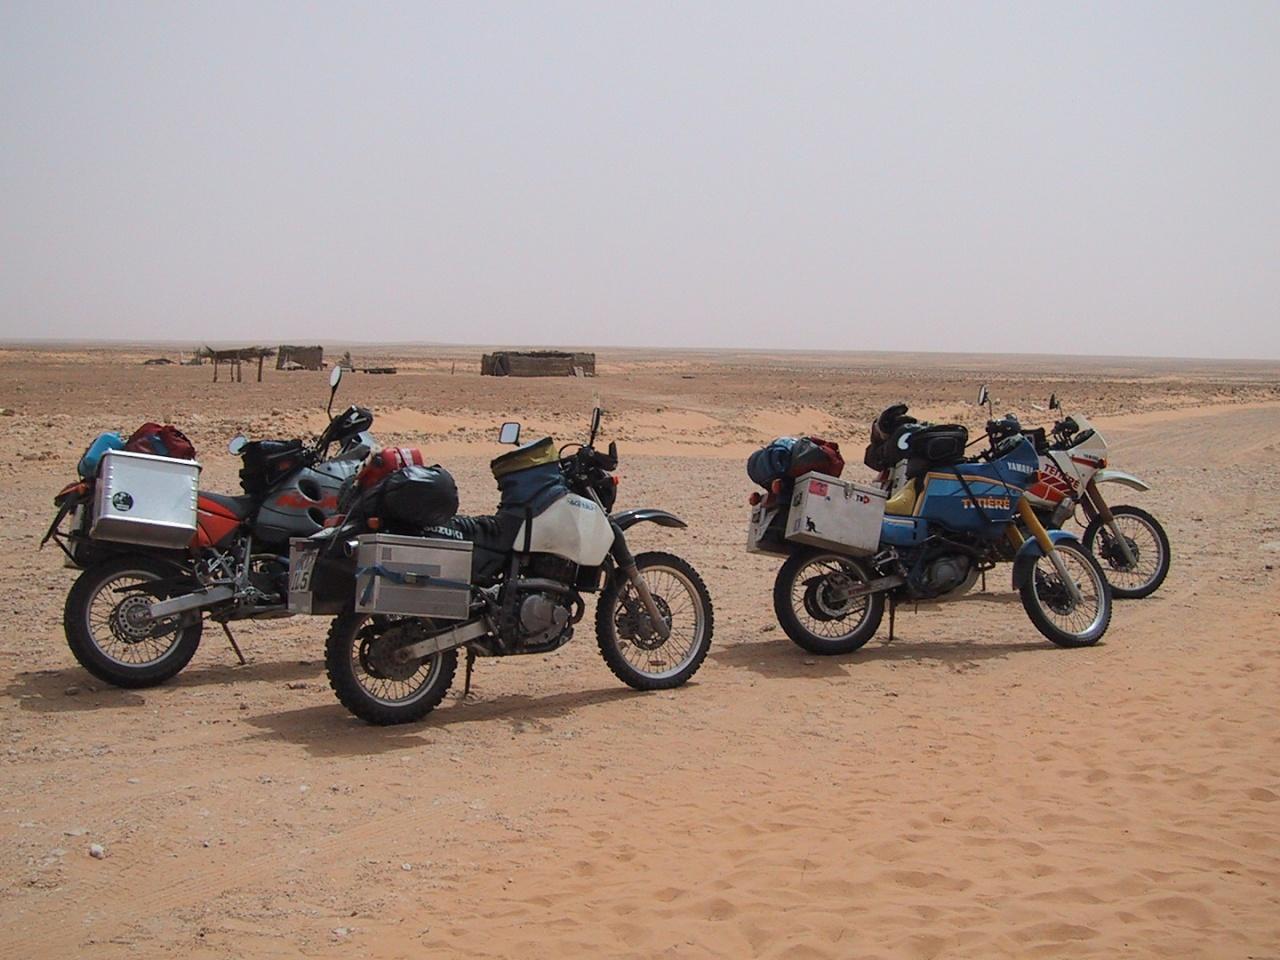 20030416_1303-Bir_Soltane_-_Mopeds